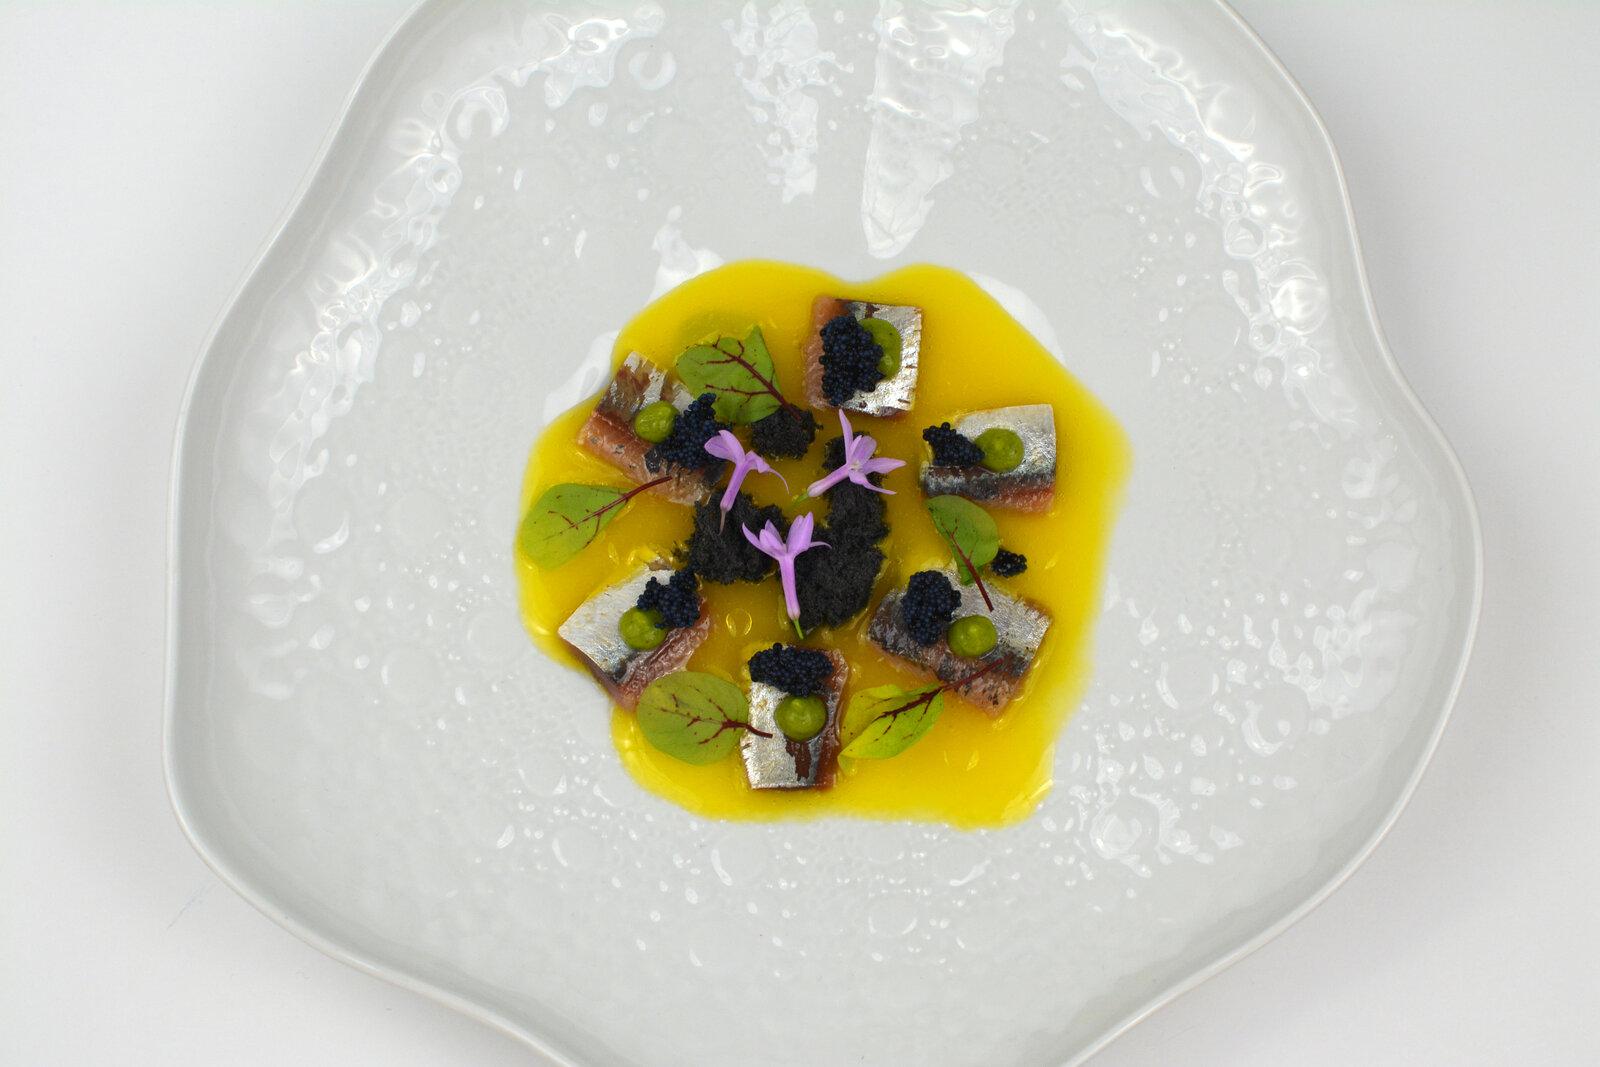 LaAntxoeta_Porra de naranja con sardinas ahumadas, huevas de arenque, mousse de algas y bizcocho de sésamo